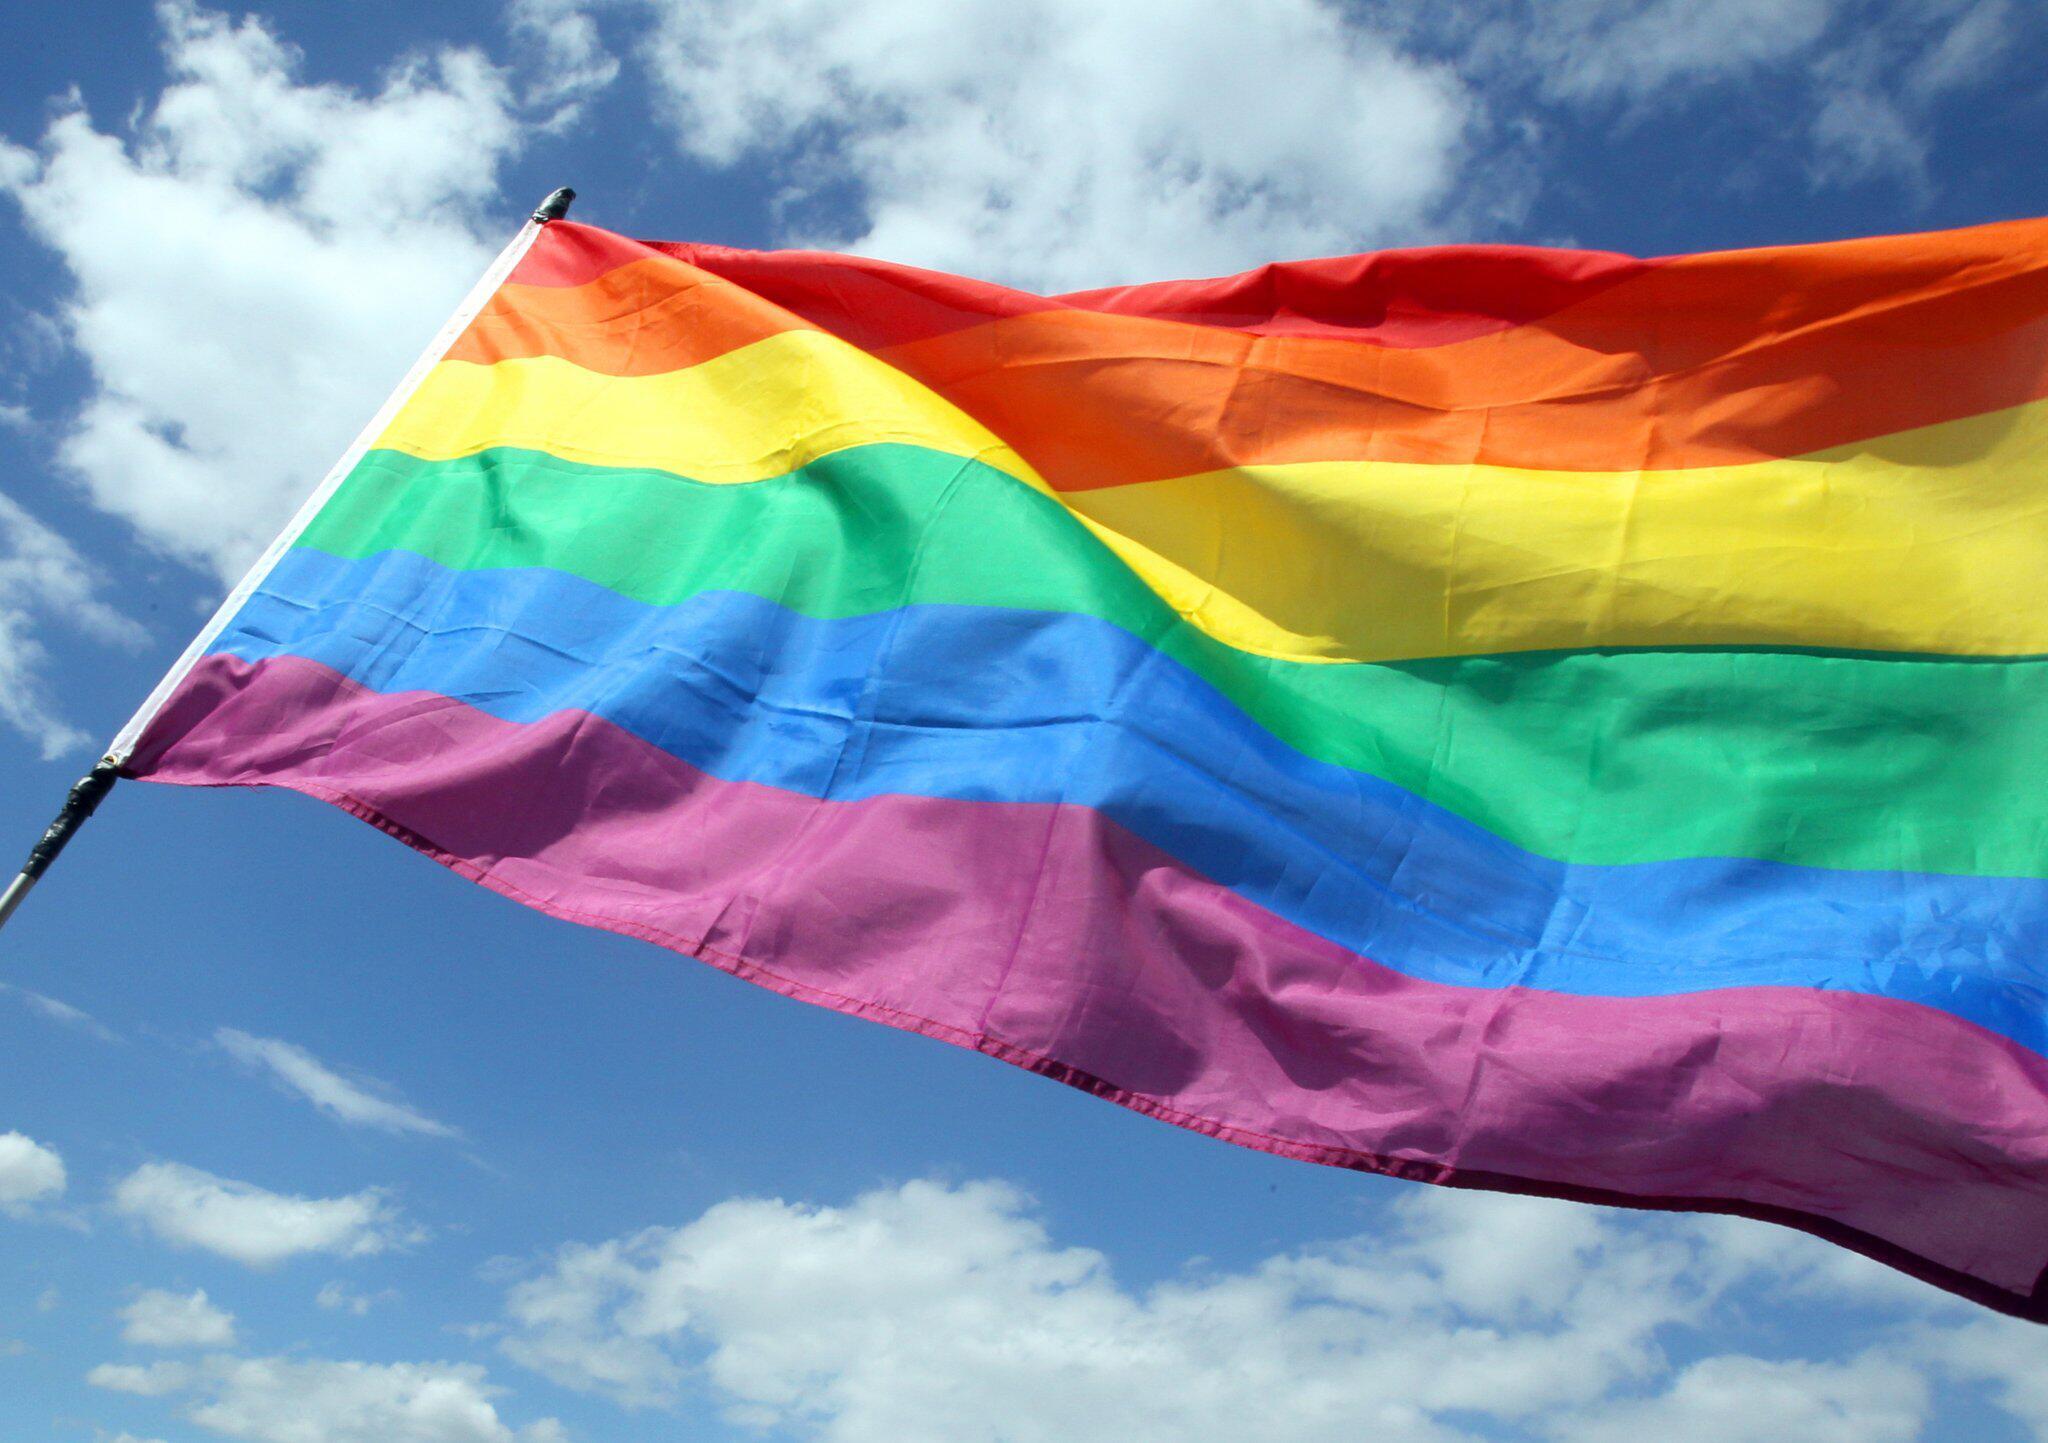 Bild zu Regenbogenflagge angezündet: 16 Jahre Haft für Mann in den USA